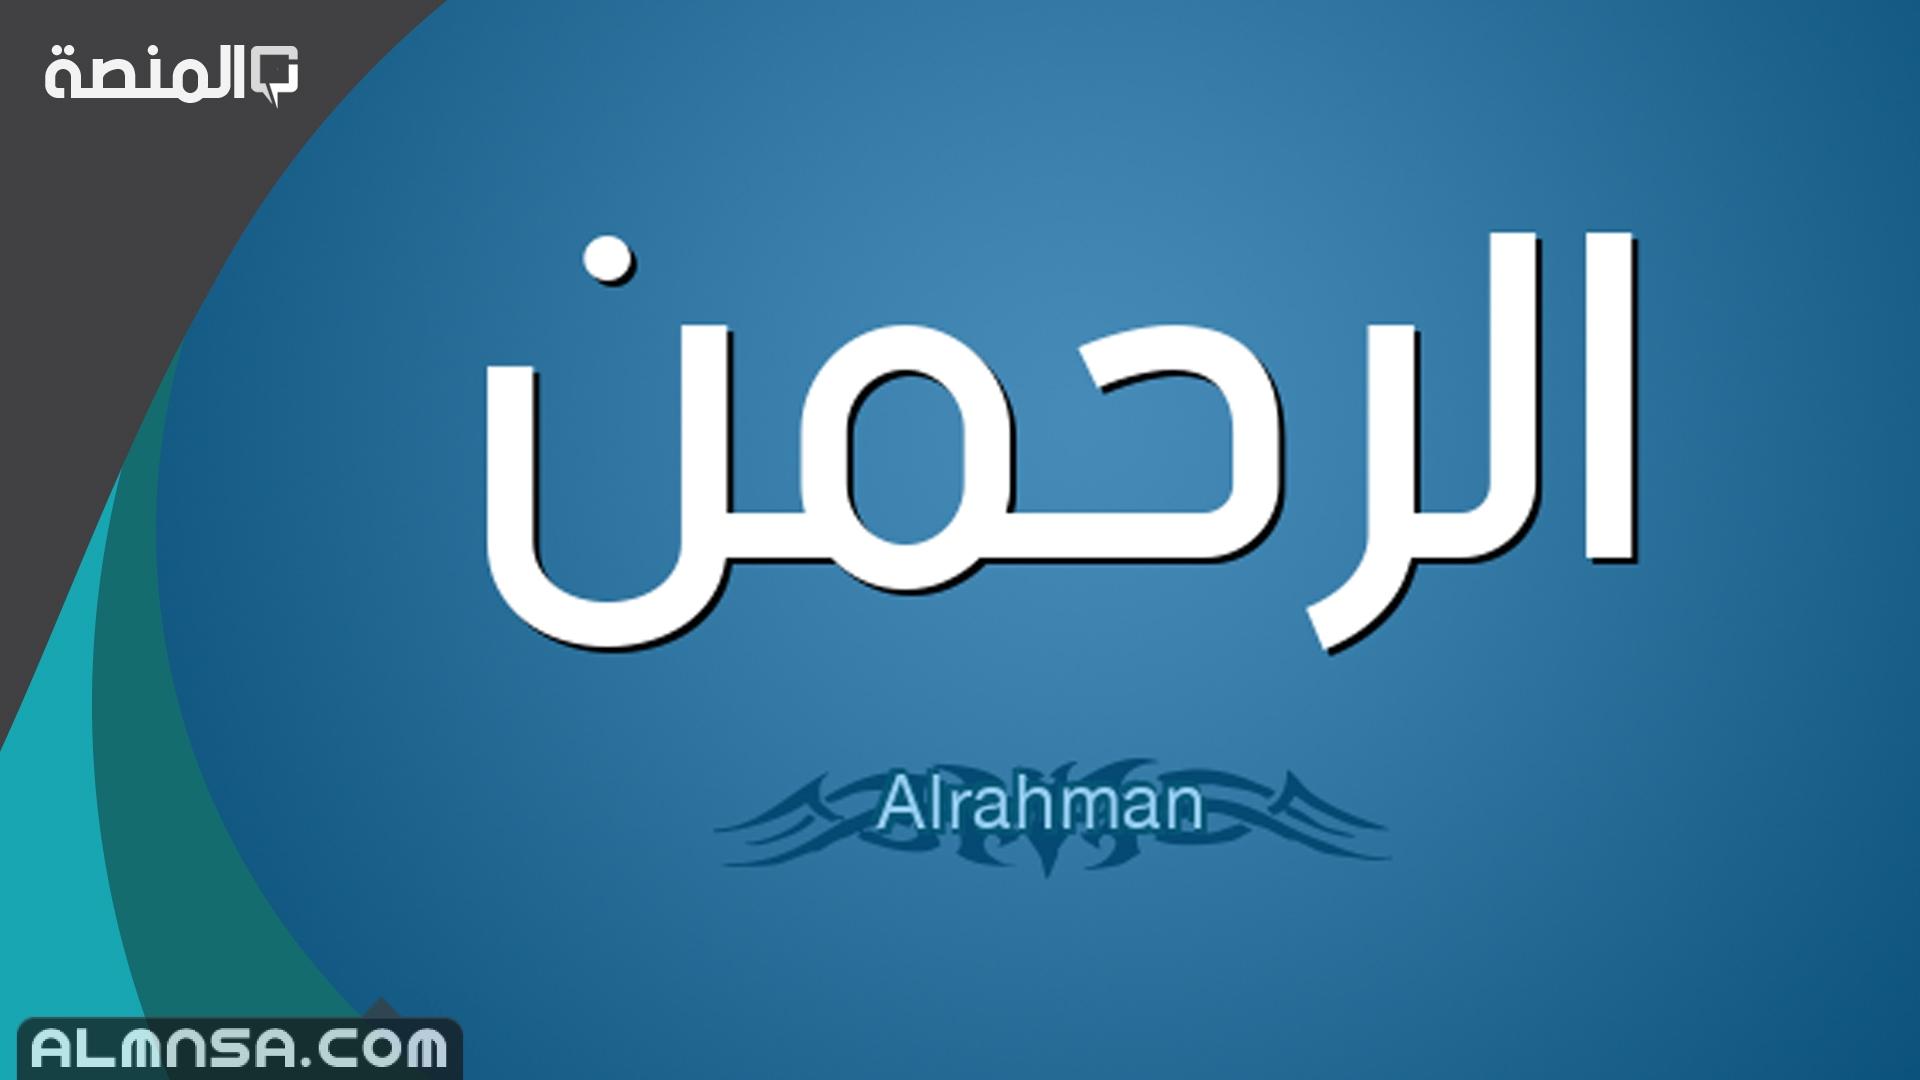 تفسير رؤية اسم الرحمن في المنام المنصة